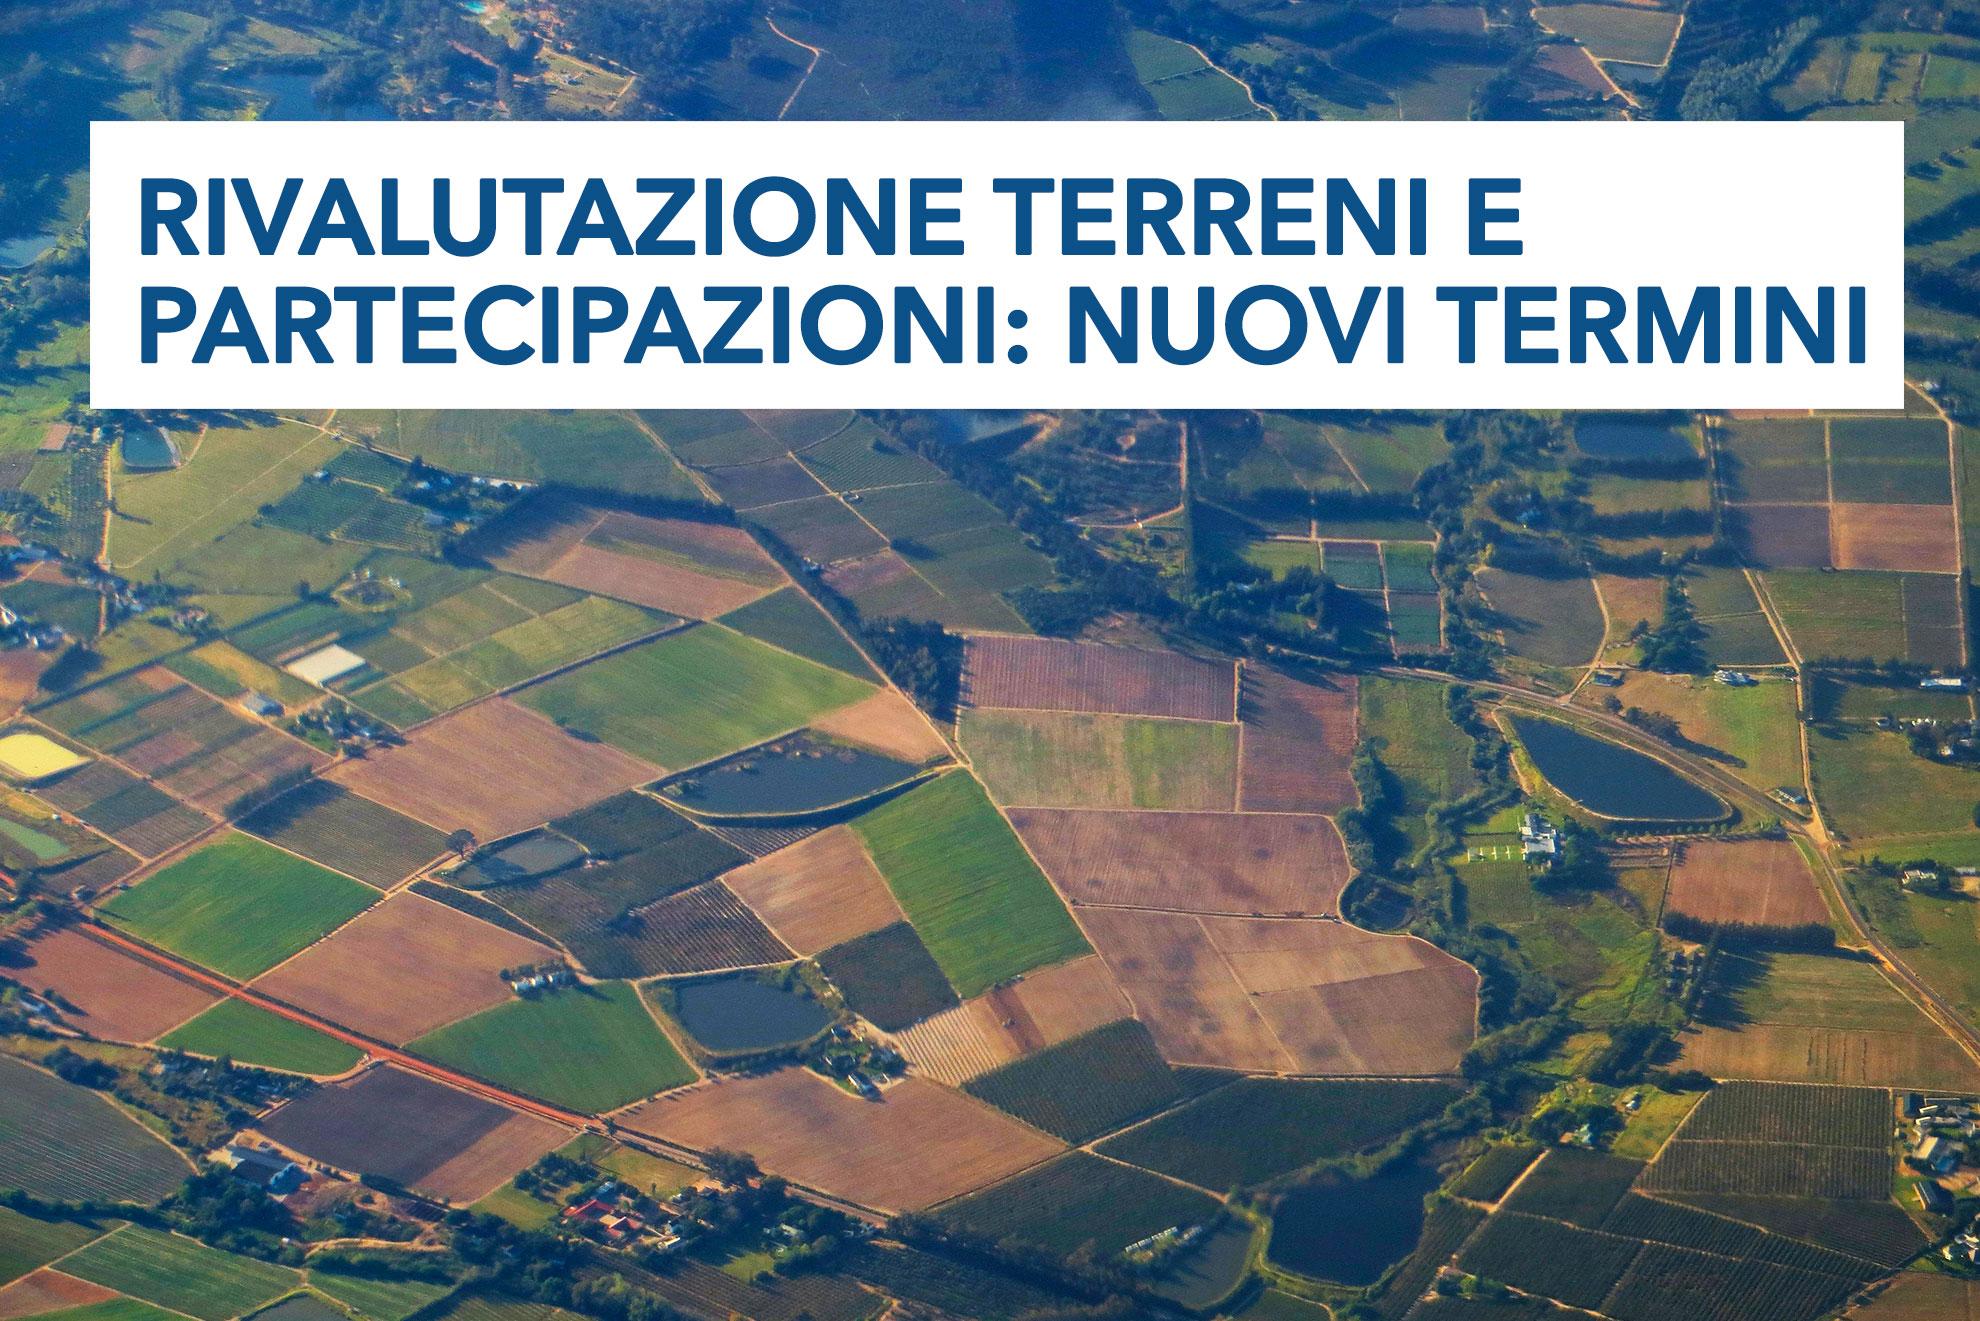 Rivalutazione terreni e partecipazioni: nuovi termini